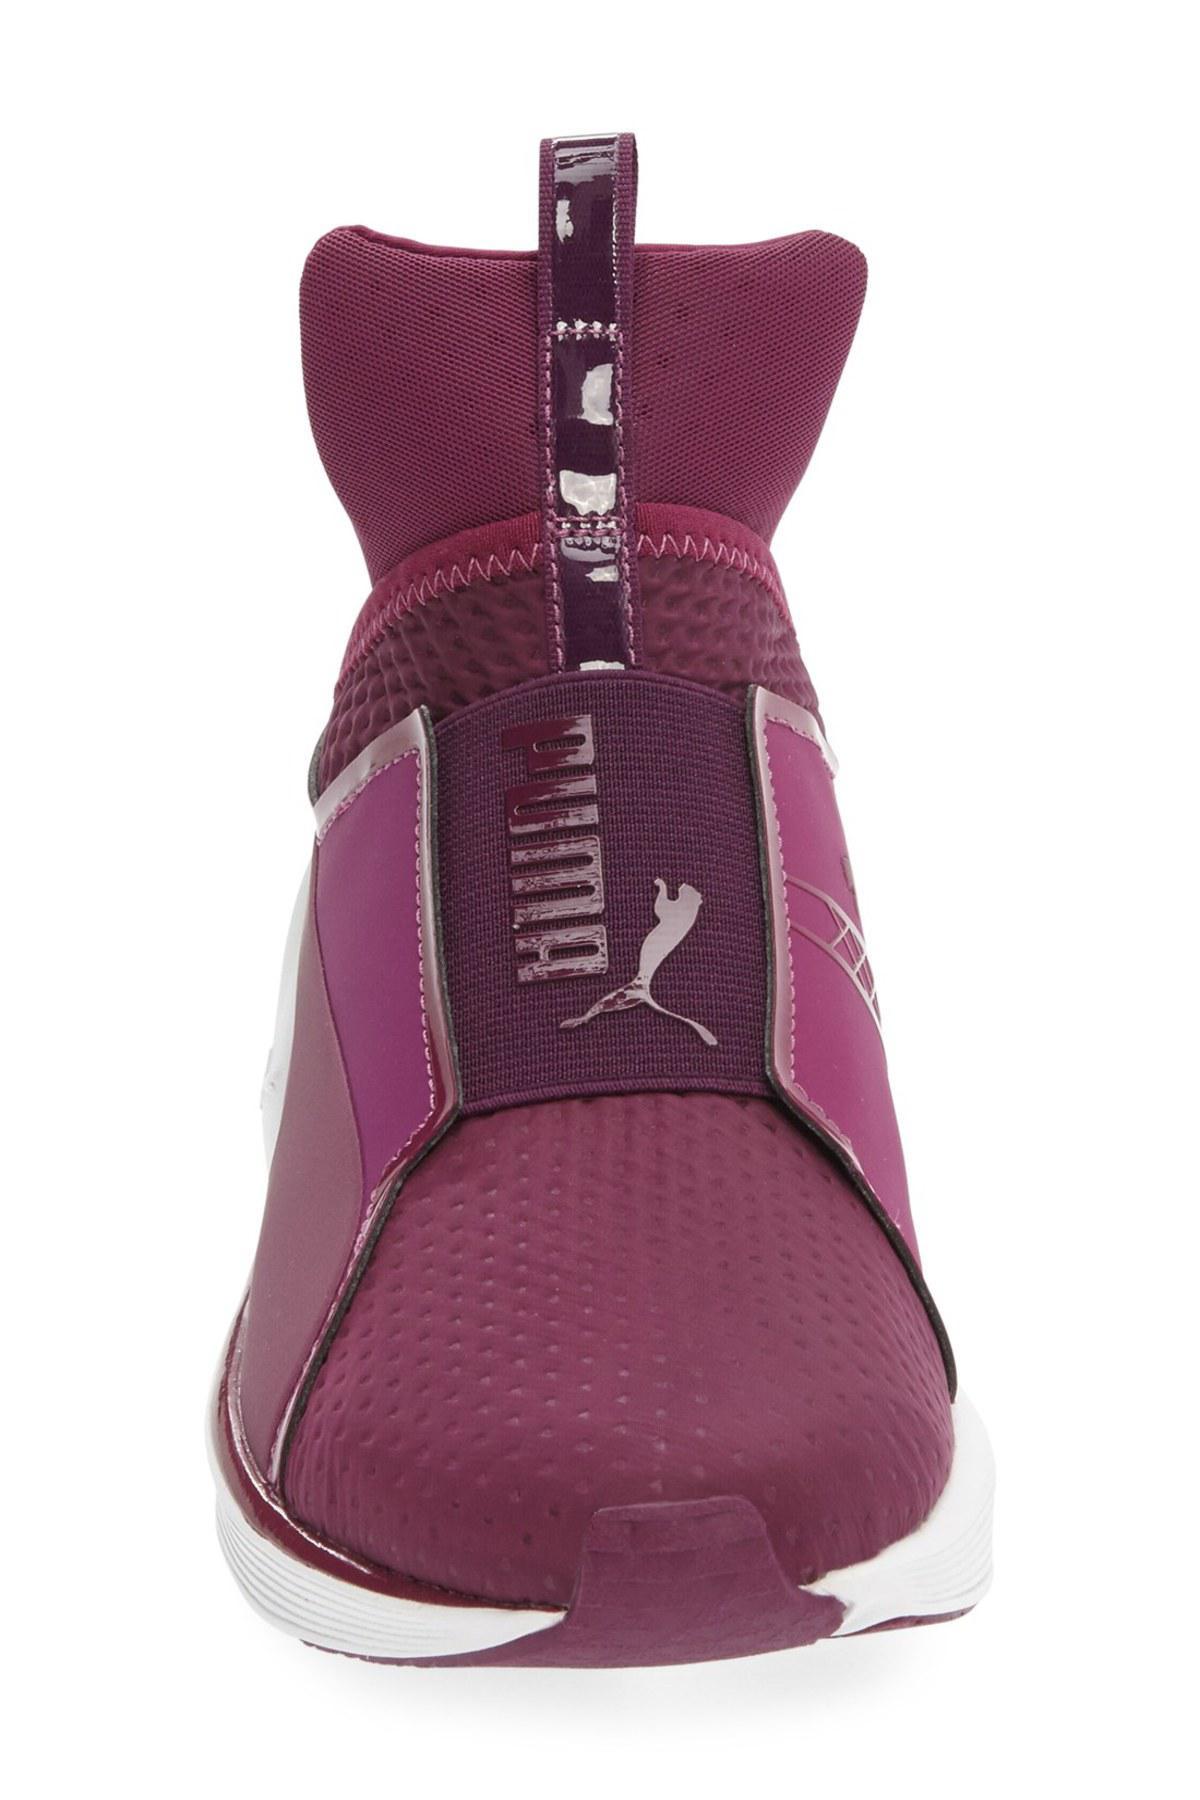 PUMA Fierce High-Top Sneaker in Purple for Men - Lyst 94d4efadd